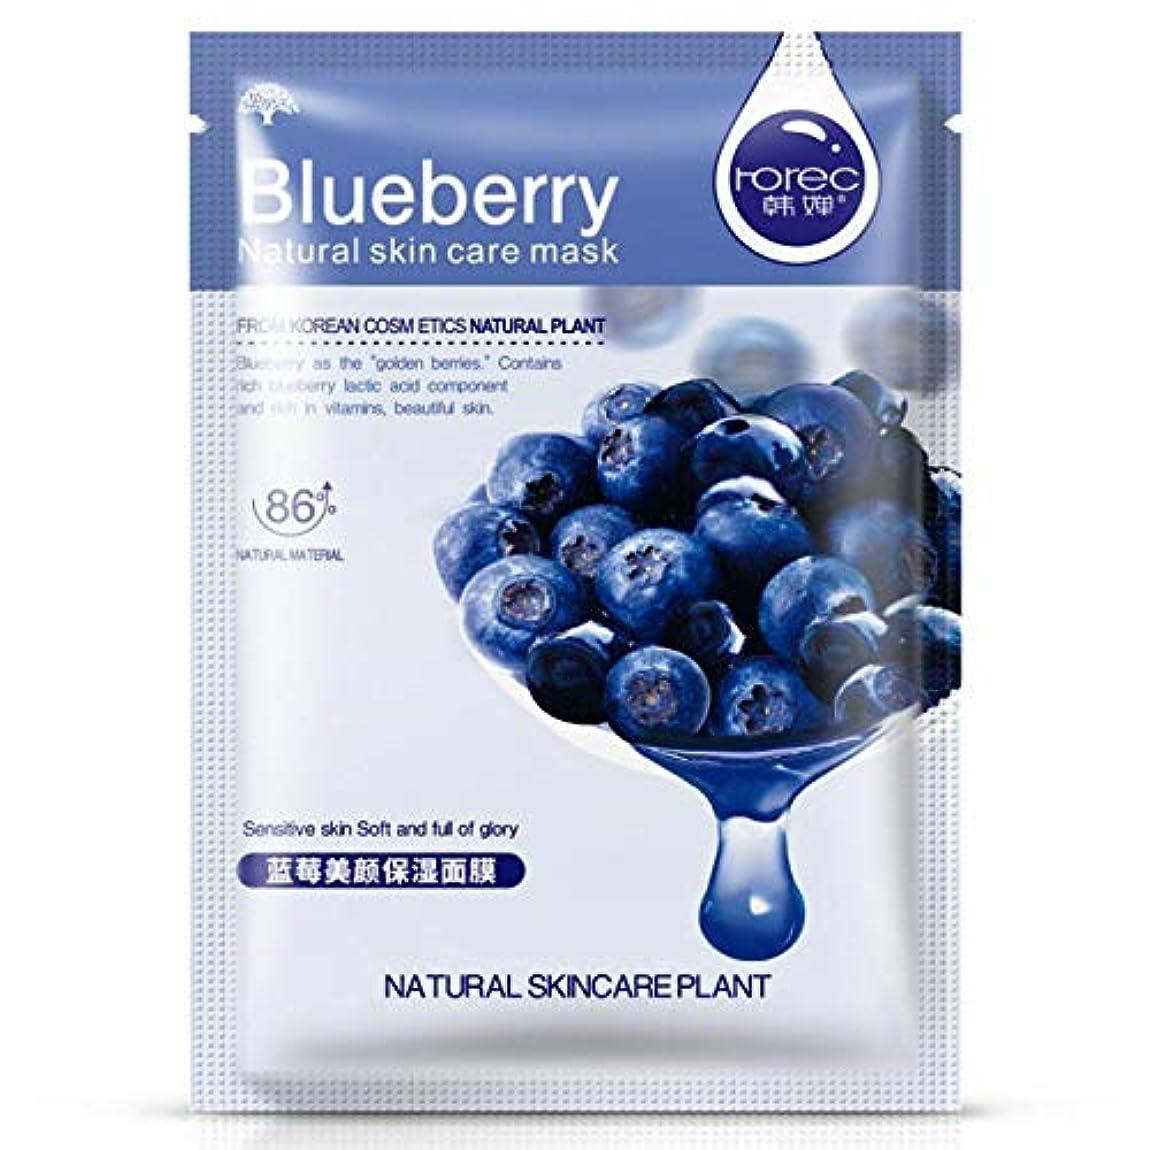 マイコン航海水っぽい(Blueberry) Skin Care Plant Facial Mask Moisturizing Oil Control Blackhead Remover Wrapped Mask Face Mask Face...